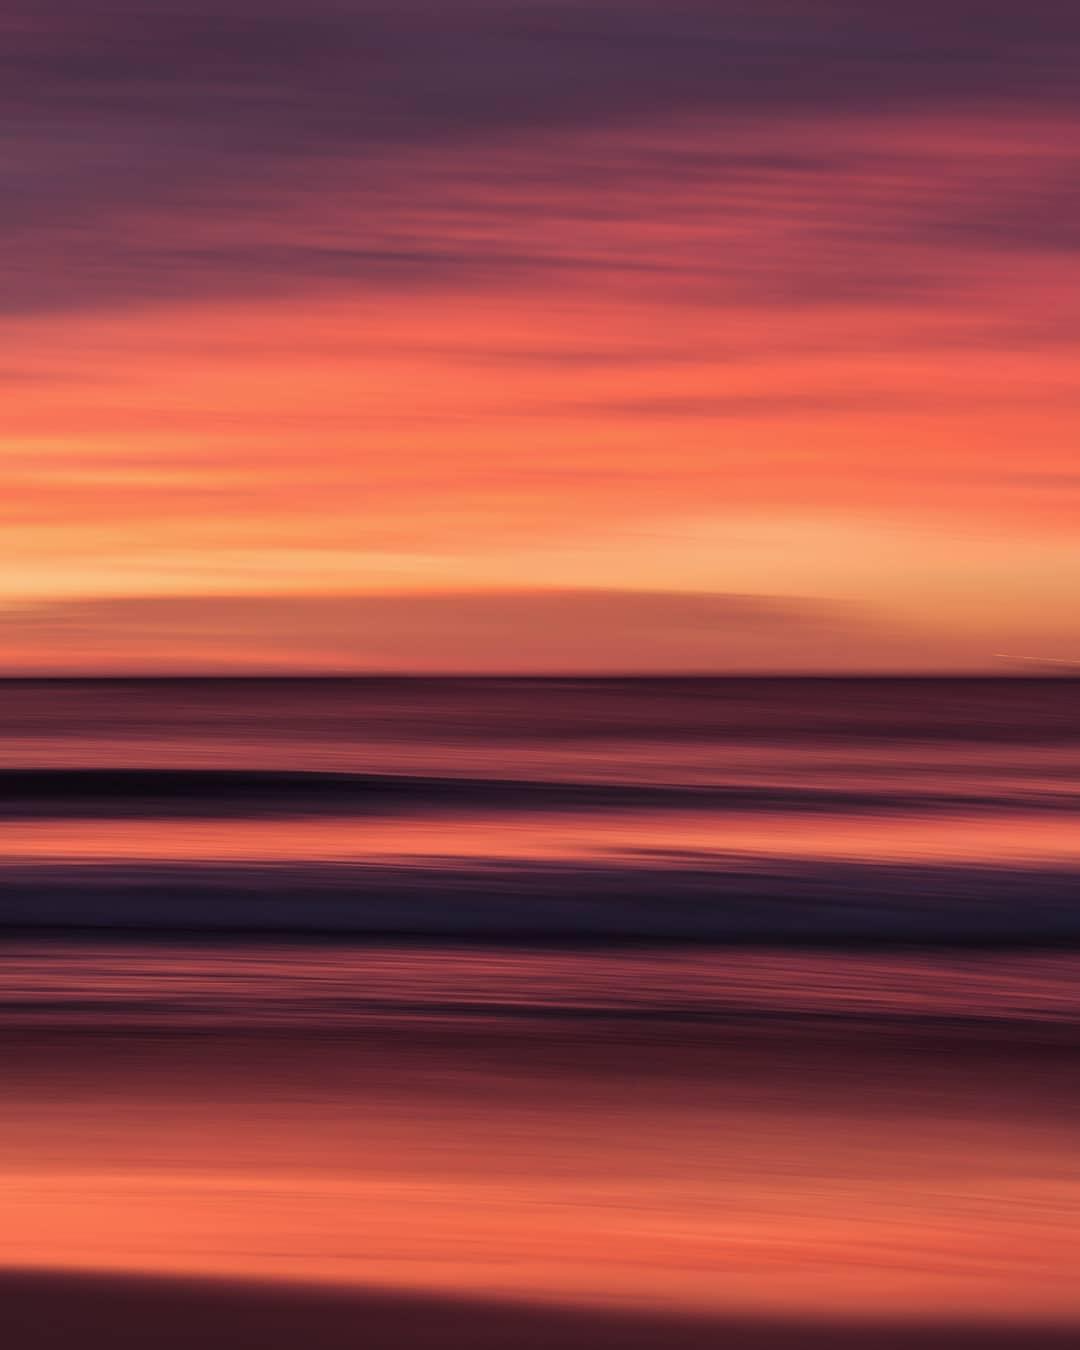 Scott Ruzzene Ocean Photographer